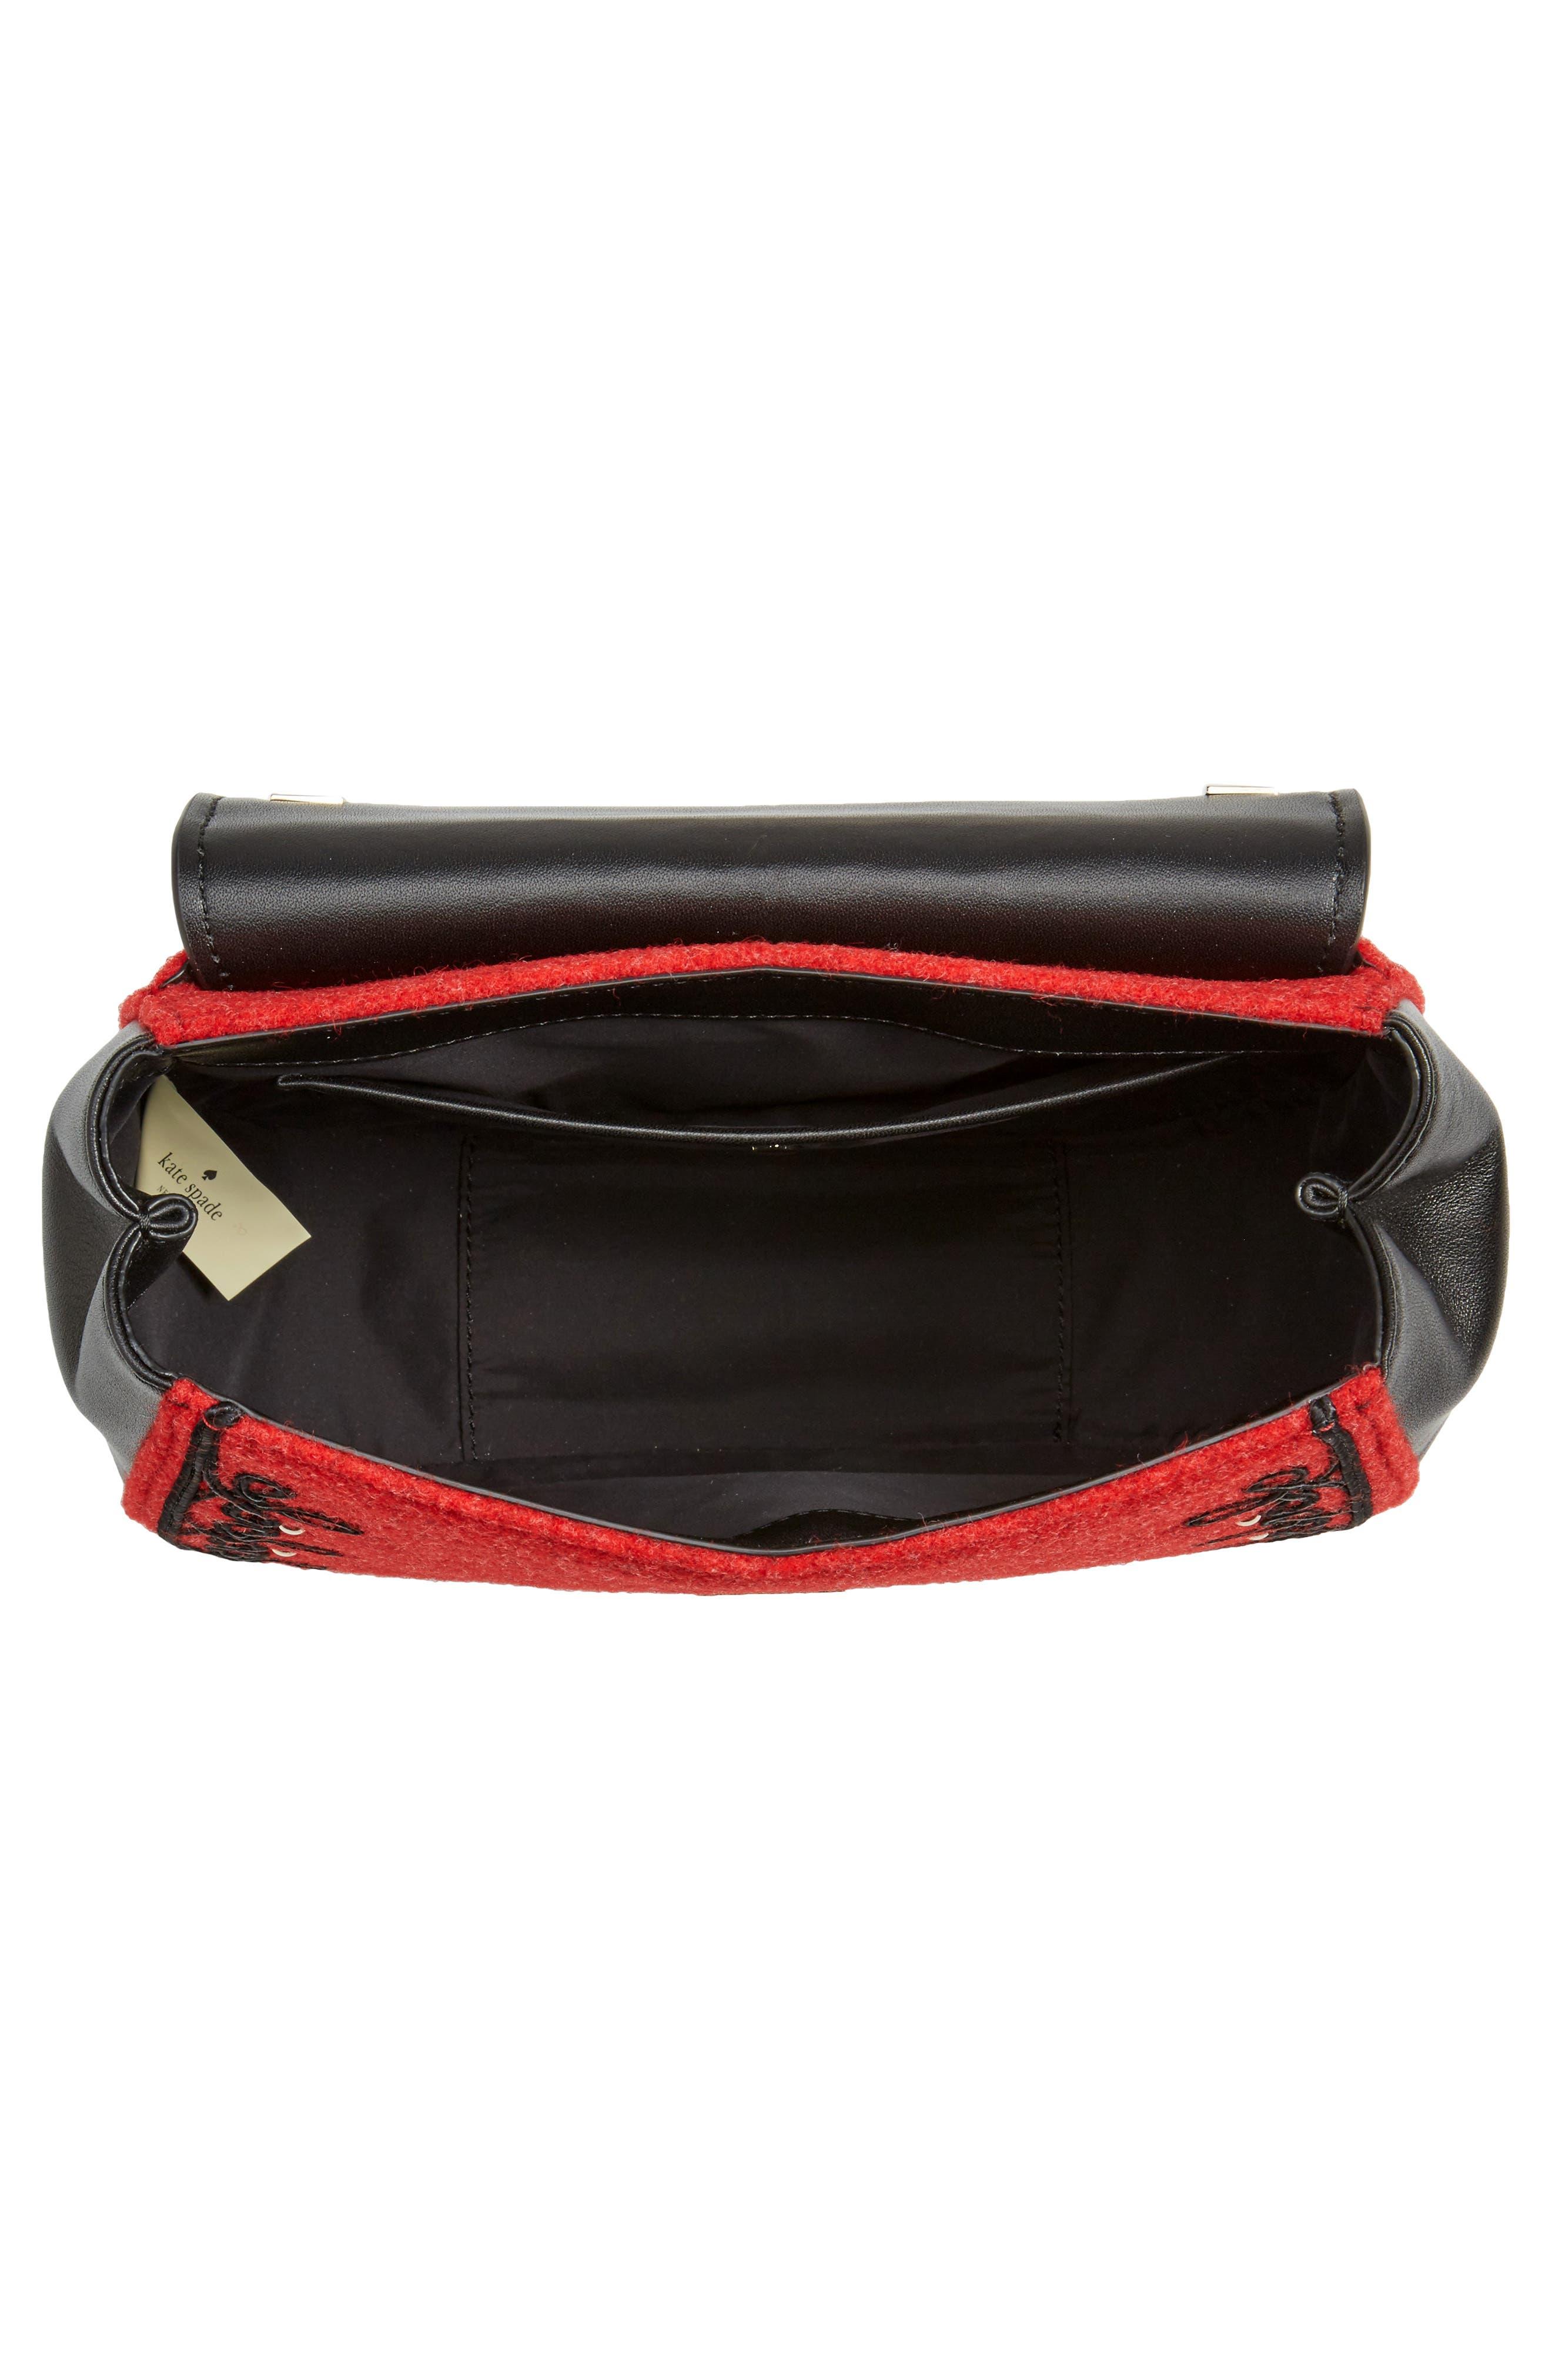 byrne street - byrdie embellished leather & wool saddle bag,                             Alternate thumbnail 3, color,                             Red Carpet